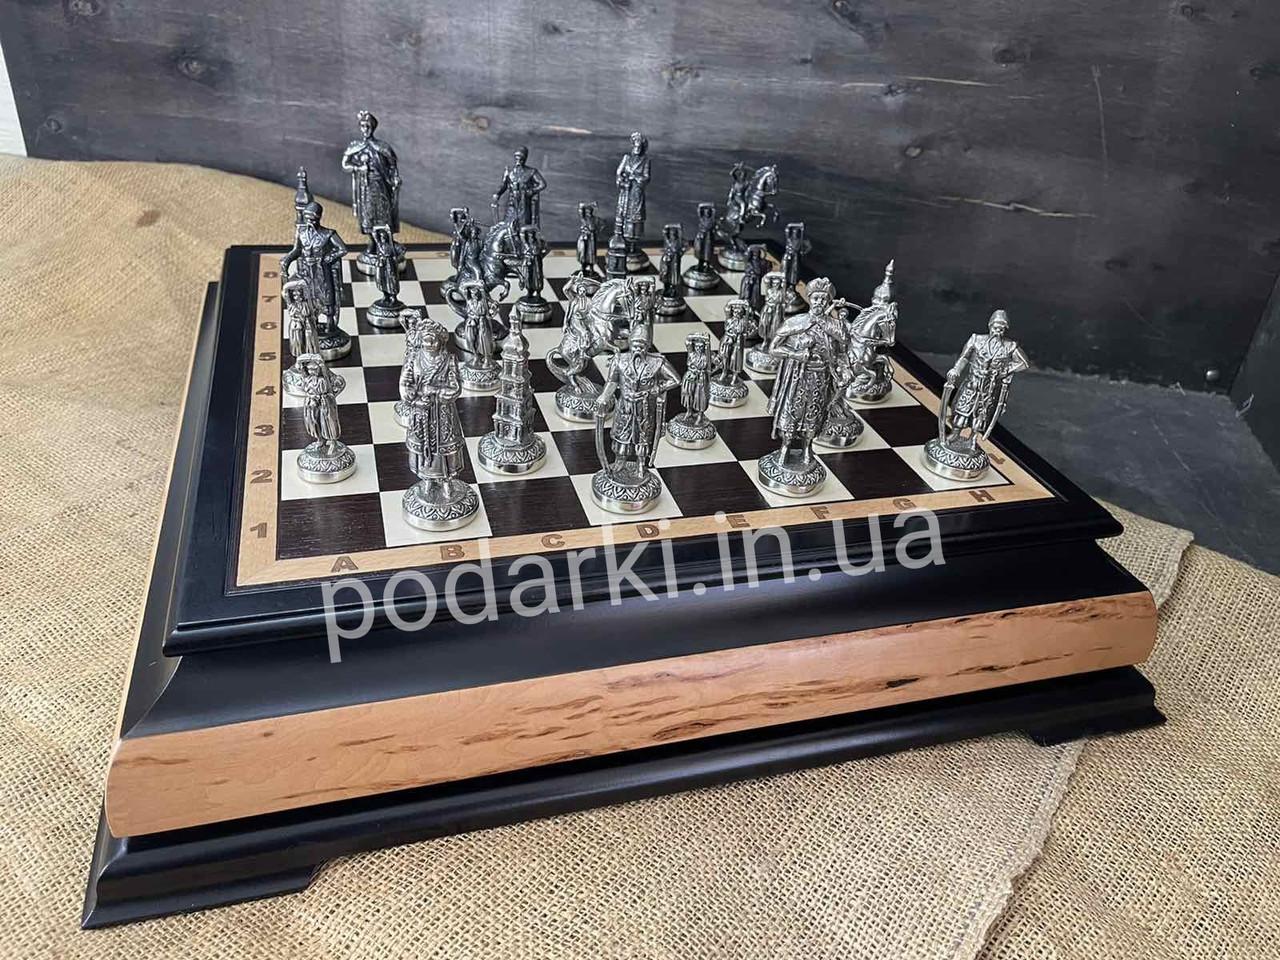 Эксклюзивные шахматы из мельхиора «Казацкая рада» с доской из дерева - дорогой подарок мужчине